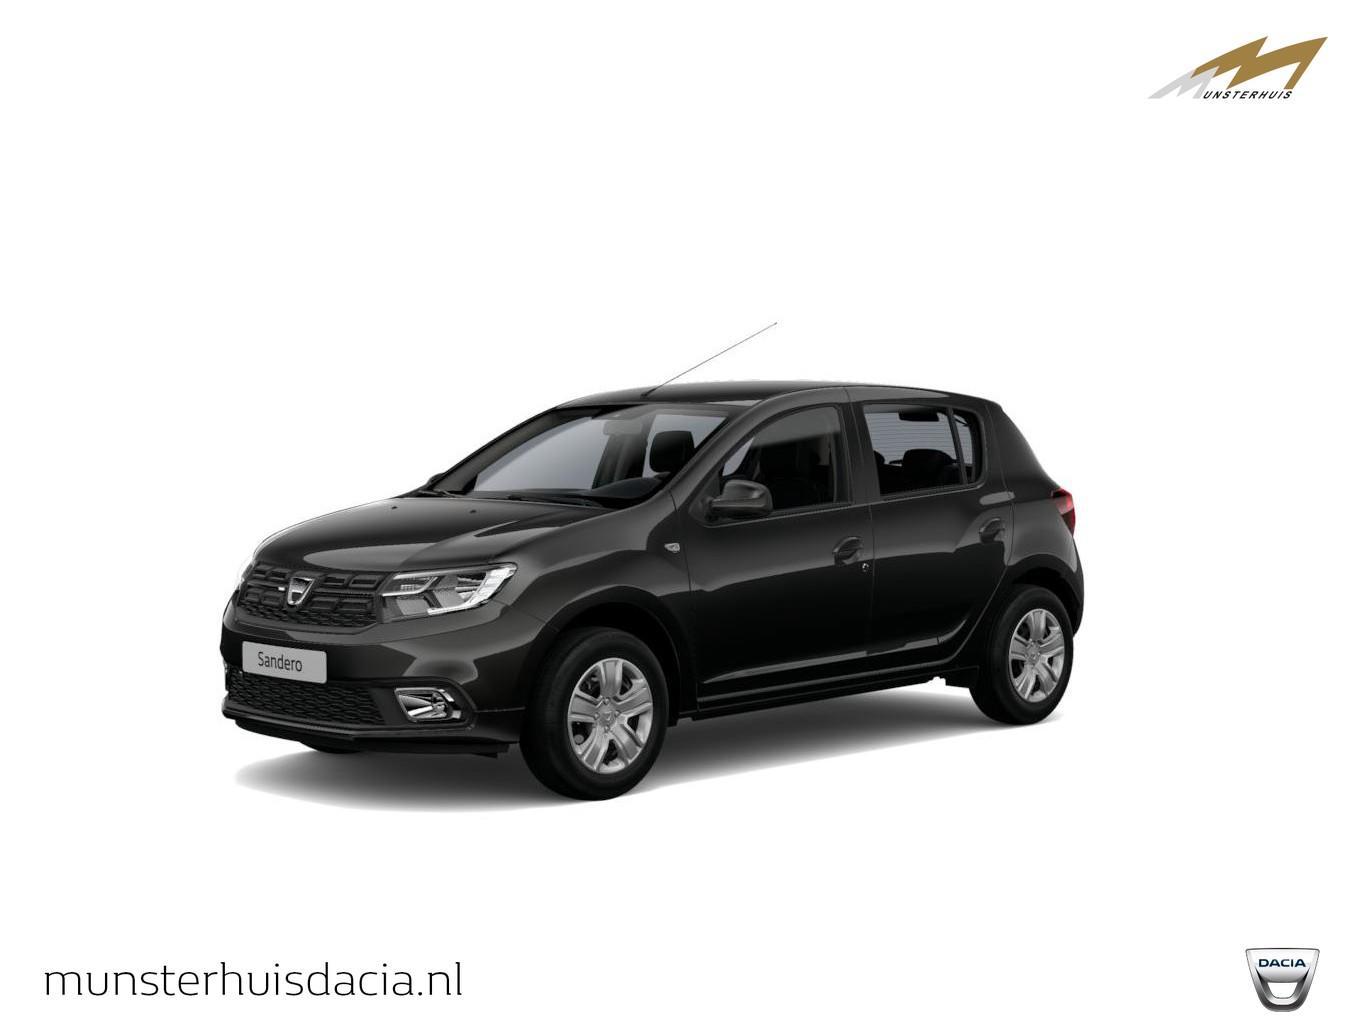 Dacia Sandero Tce 100 bi-fuel comfort - nieuw - lpg installatie